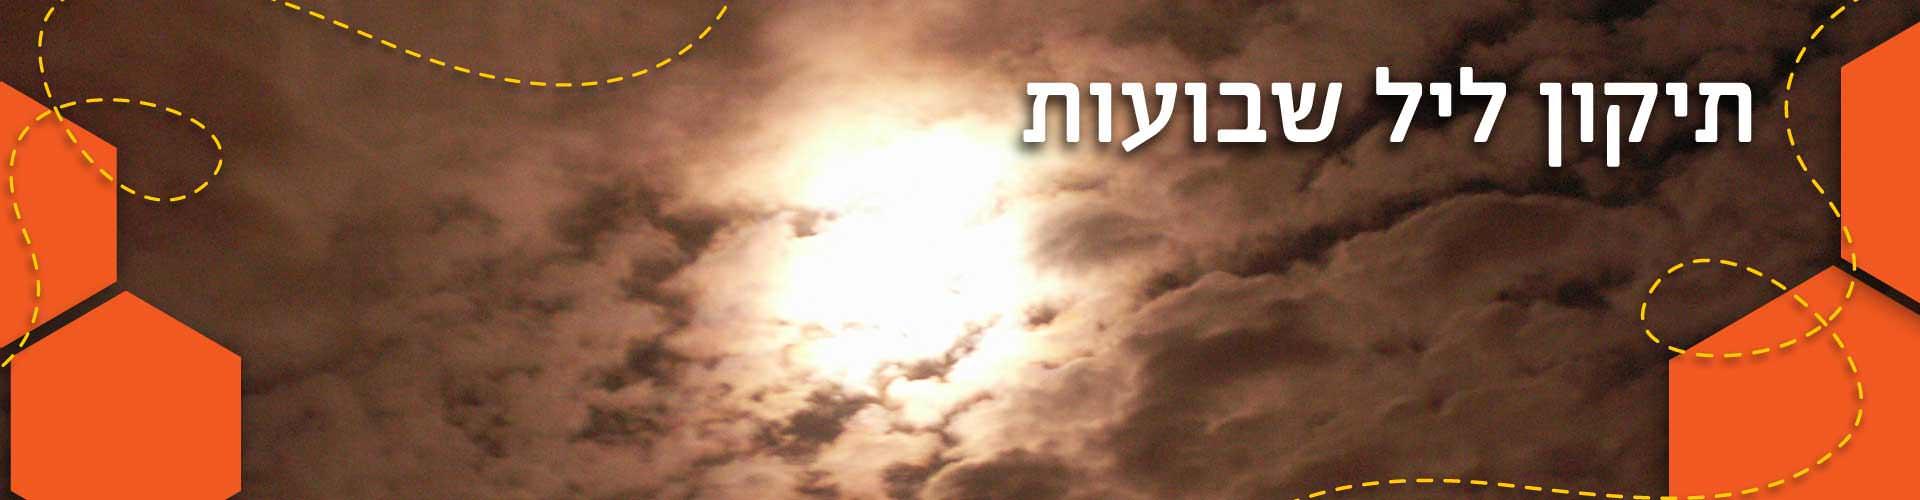 סיור ליל שבועות בירושלים